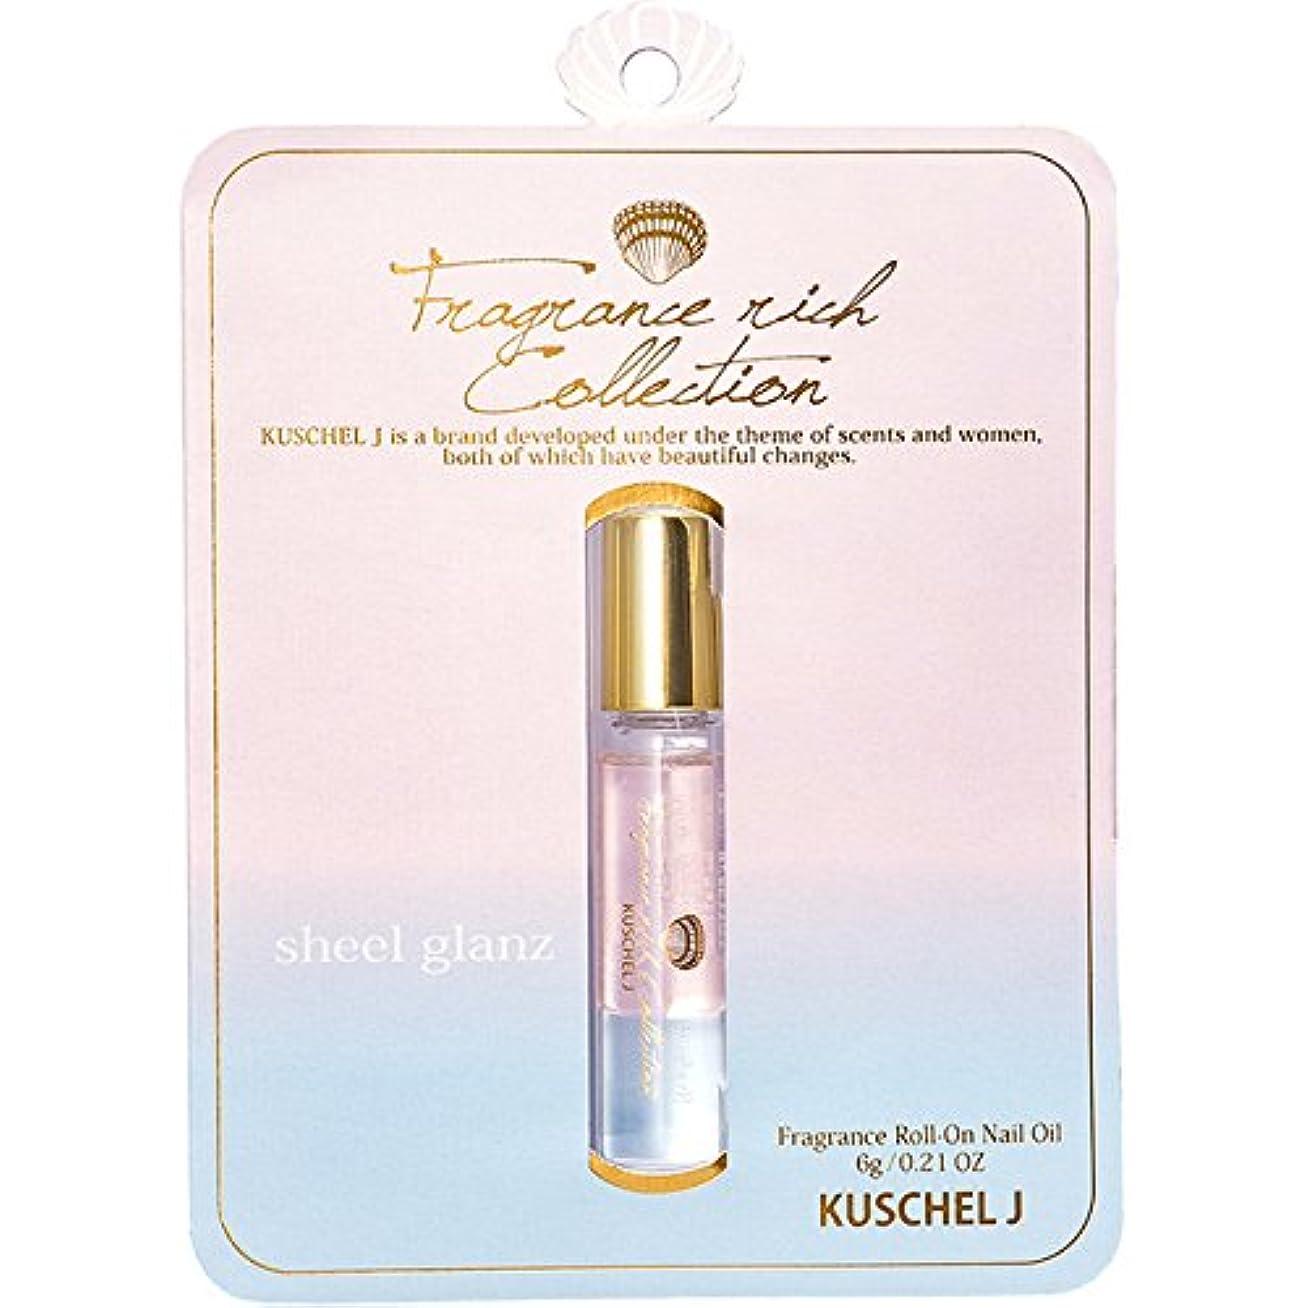 乱す死の顎速いフレグランシー クシェルヨット(KUSCHEL J) ネイルオイル シェルグラン 6g